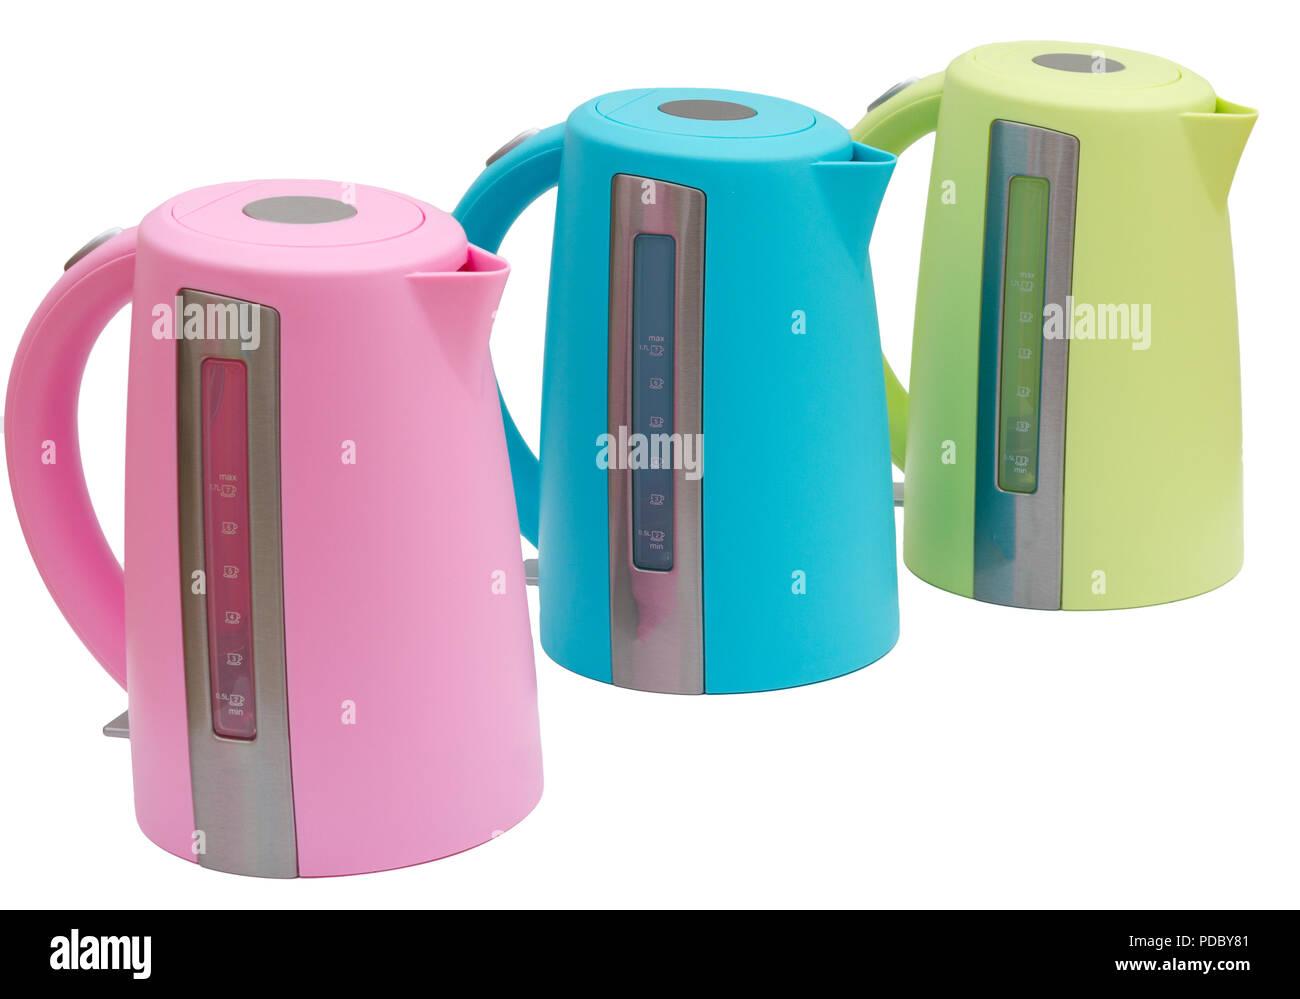 Chauffe-eau colorée lumineuse bouilloires électriques isolé sur fond blanc Photo Stock